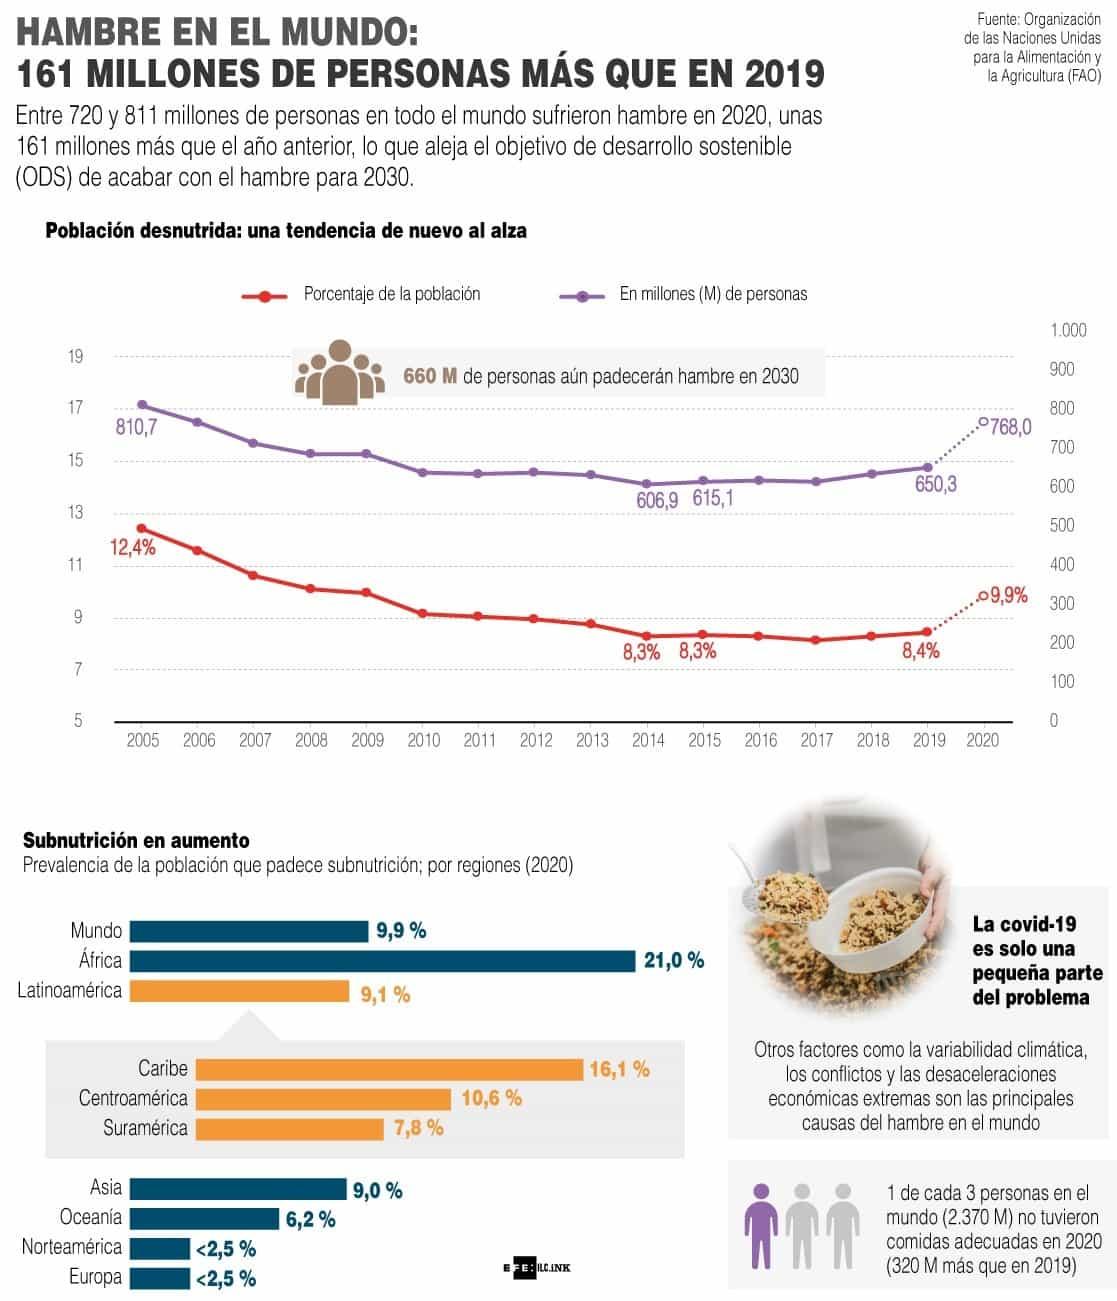 [Infografía] El hambre en el mundo creció en 160 millones de personas en el 2020 1